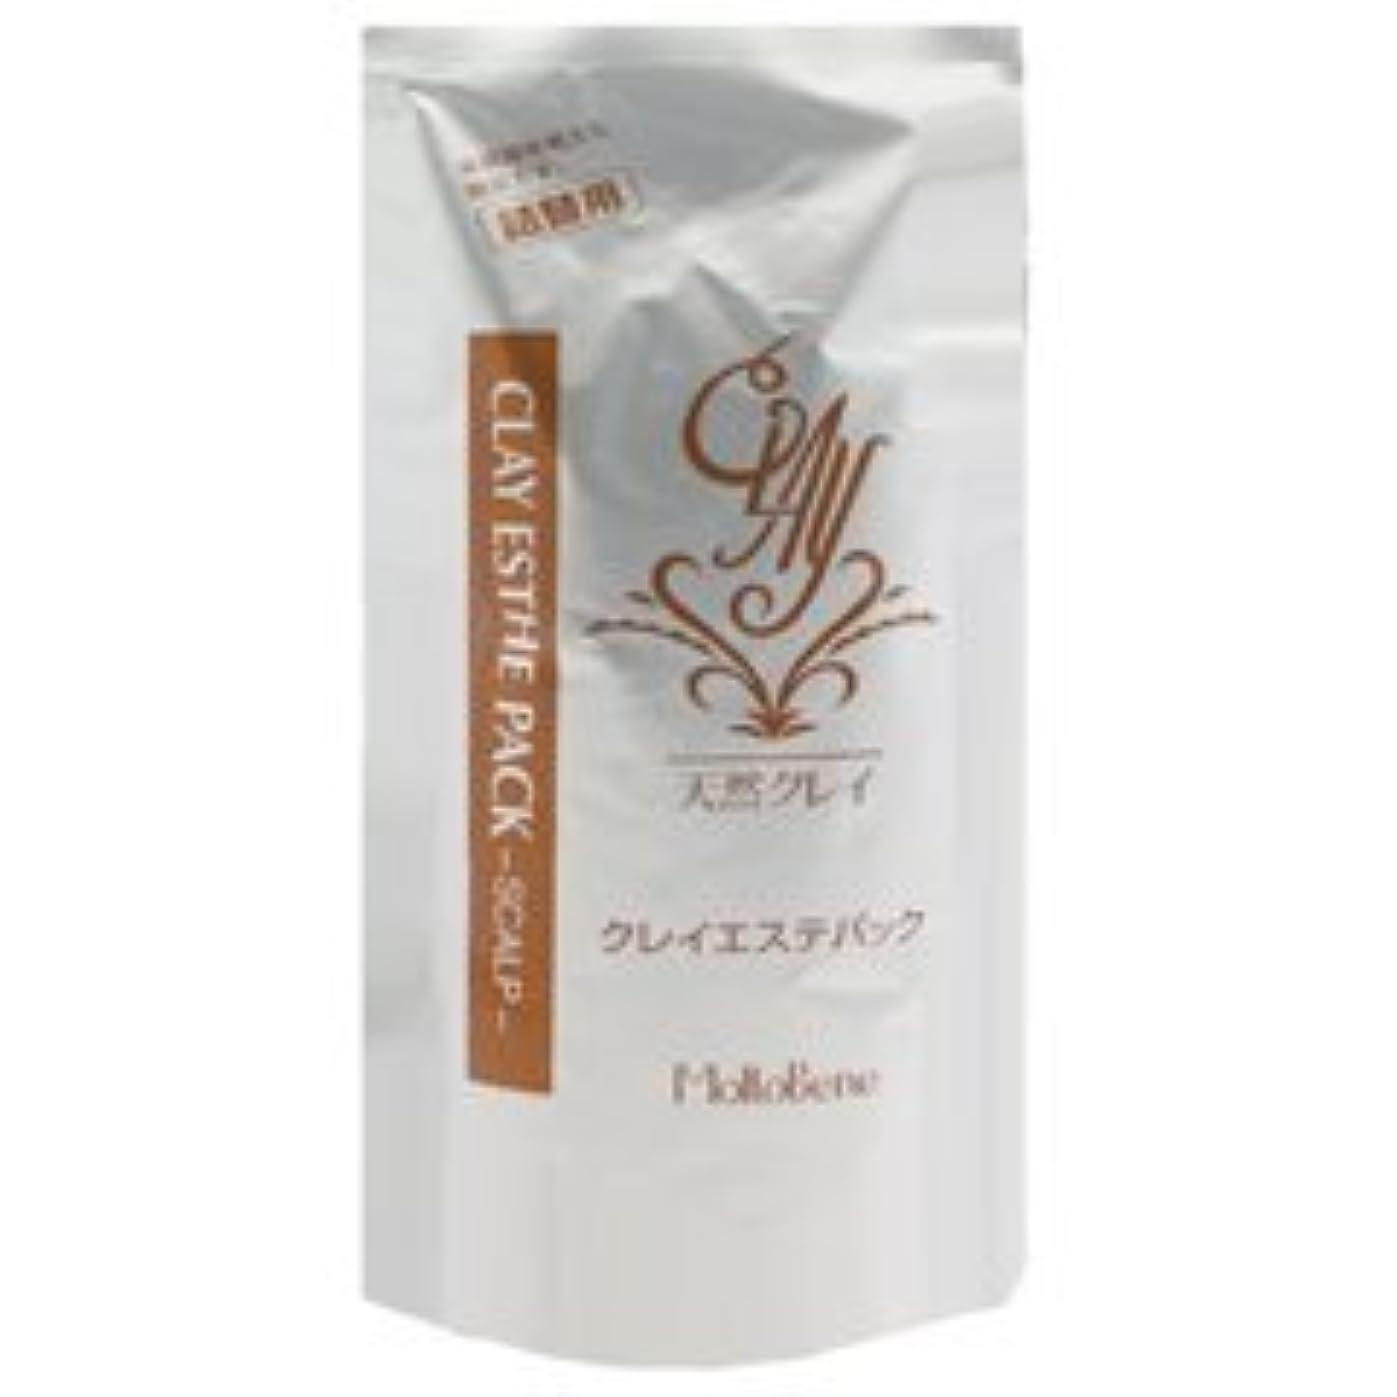 漏斗遺跡銀行【モルトベーネ】クレイエステ パック 詰替用 500g